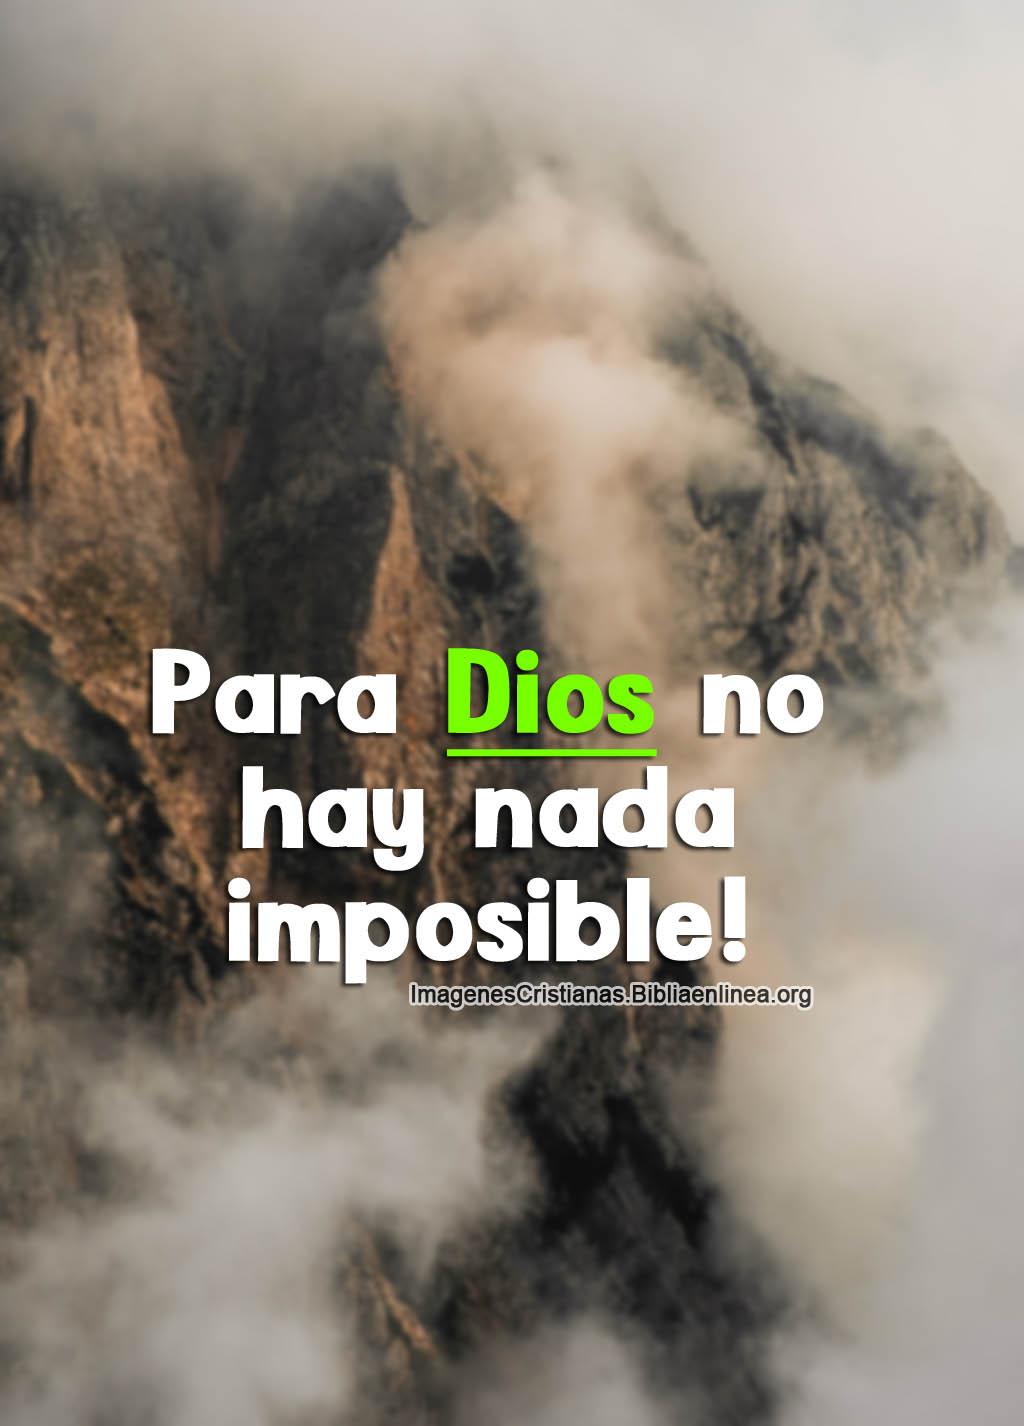 Para Dios no hay nada imposible imagen cristiana